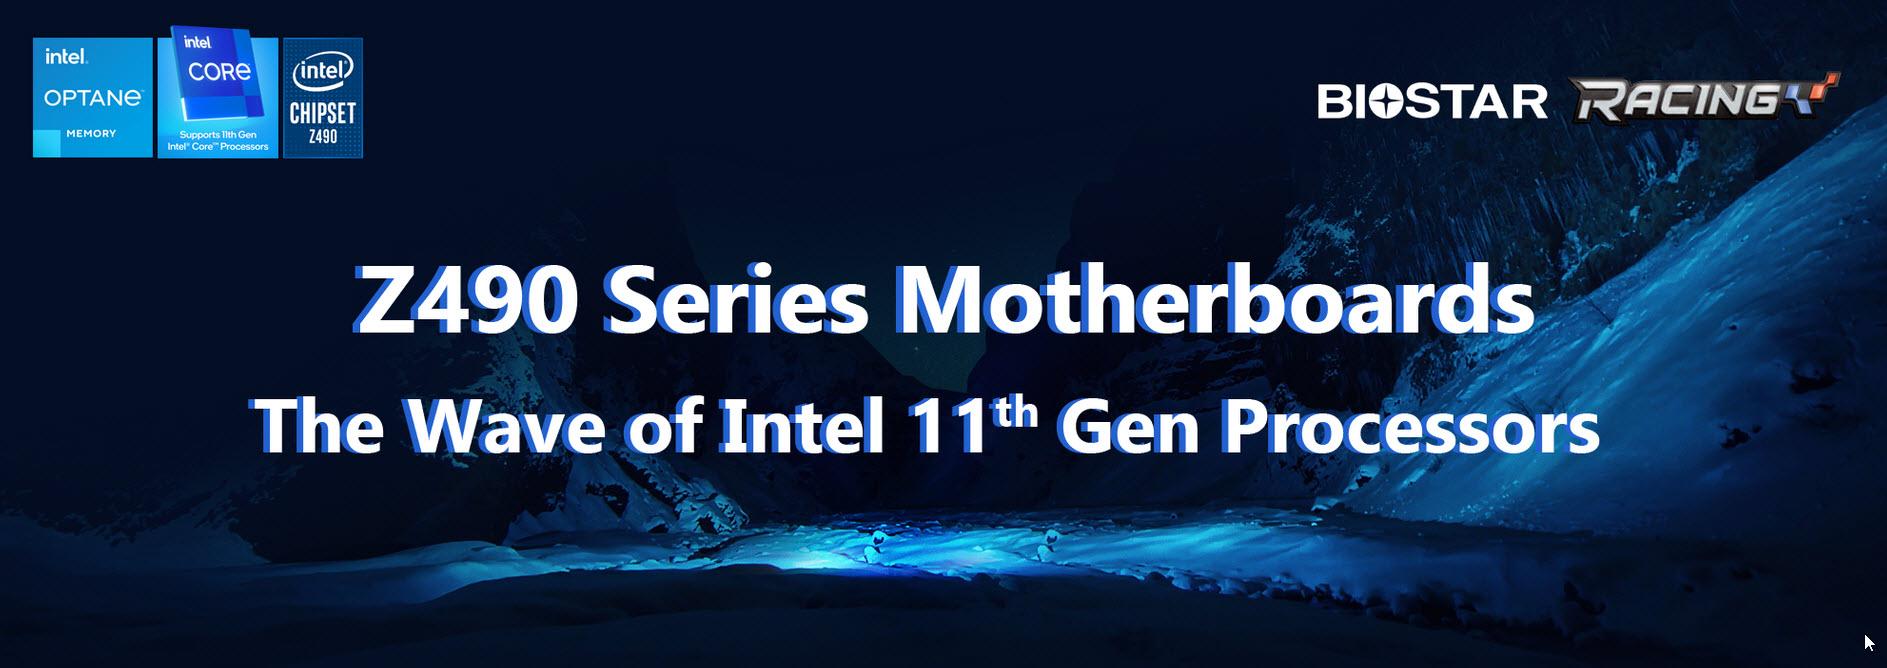 2021 03 12 10 51 52 BIOSTAR ประกาศเมนบอร์ด Z490 สามารถรองรับการใช้งานซีพียู Intel 11th Gen รุ่นใหม่ล่าสุดได้อย่างเต็มประสิทธิภาพการทำงาน